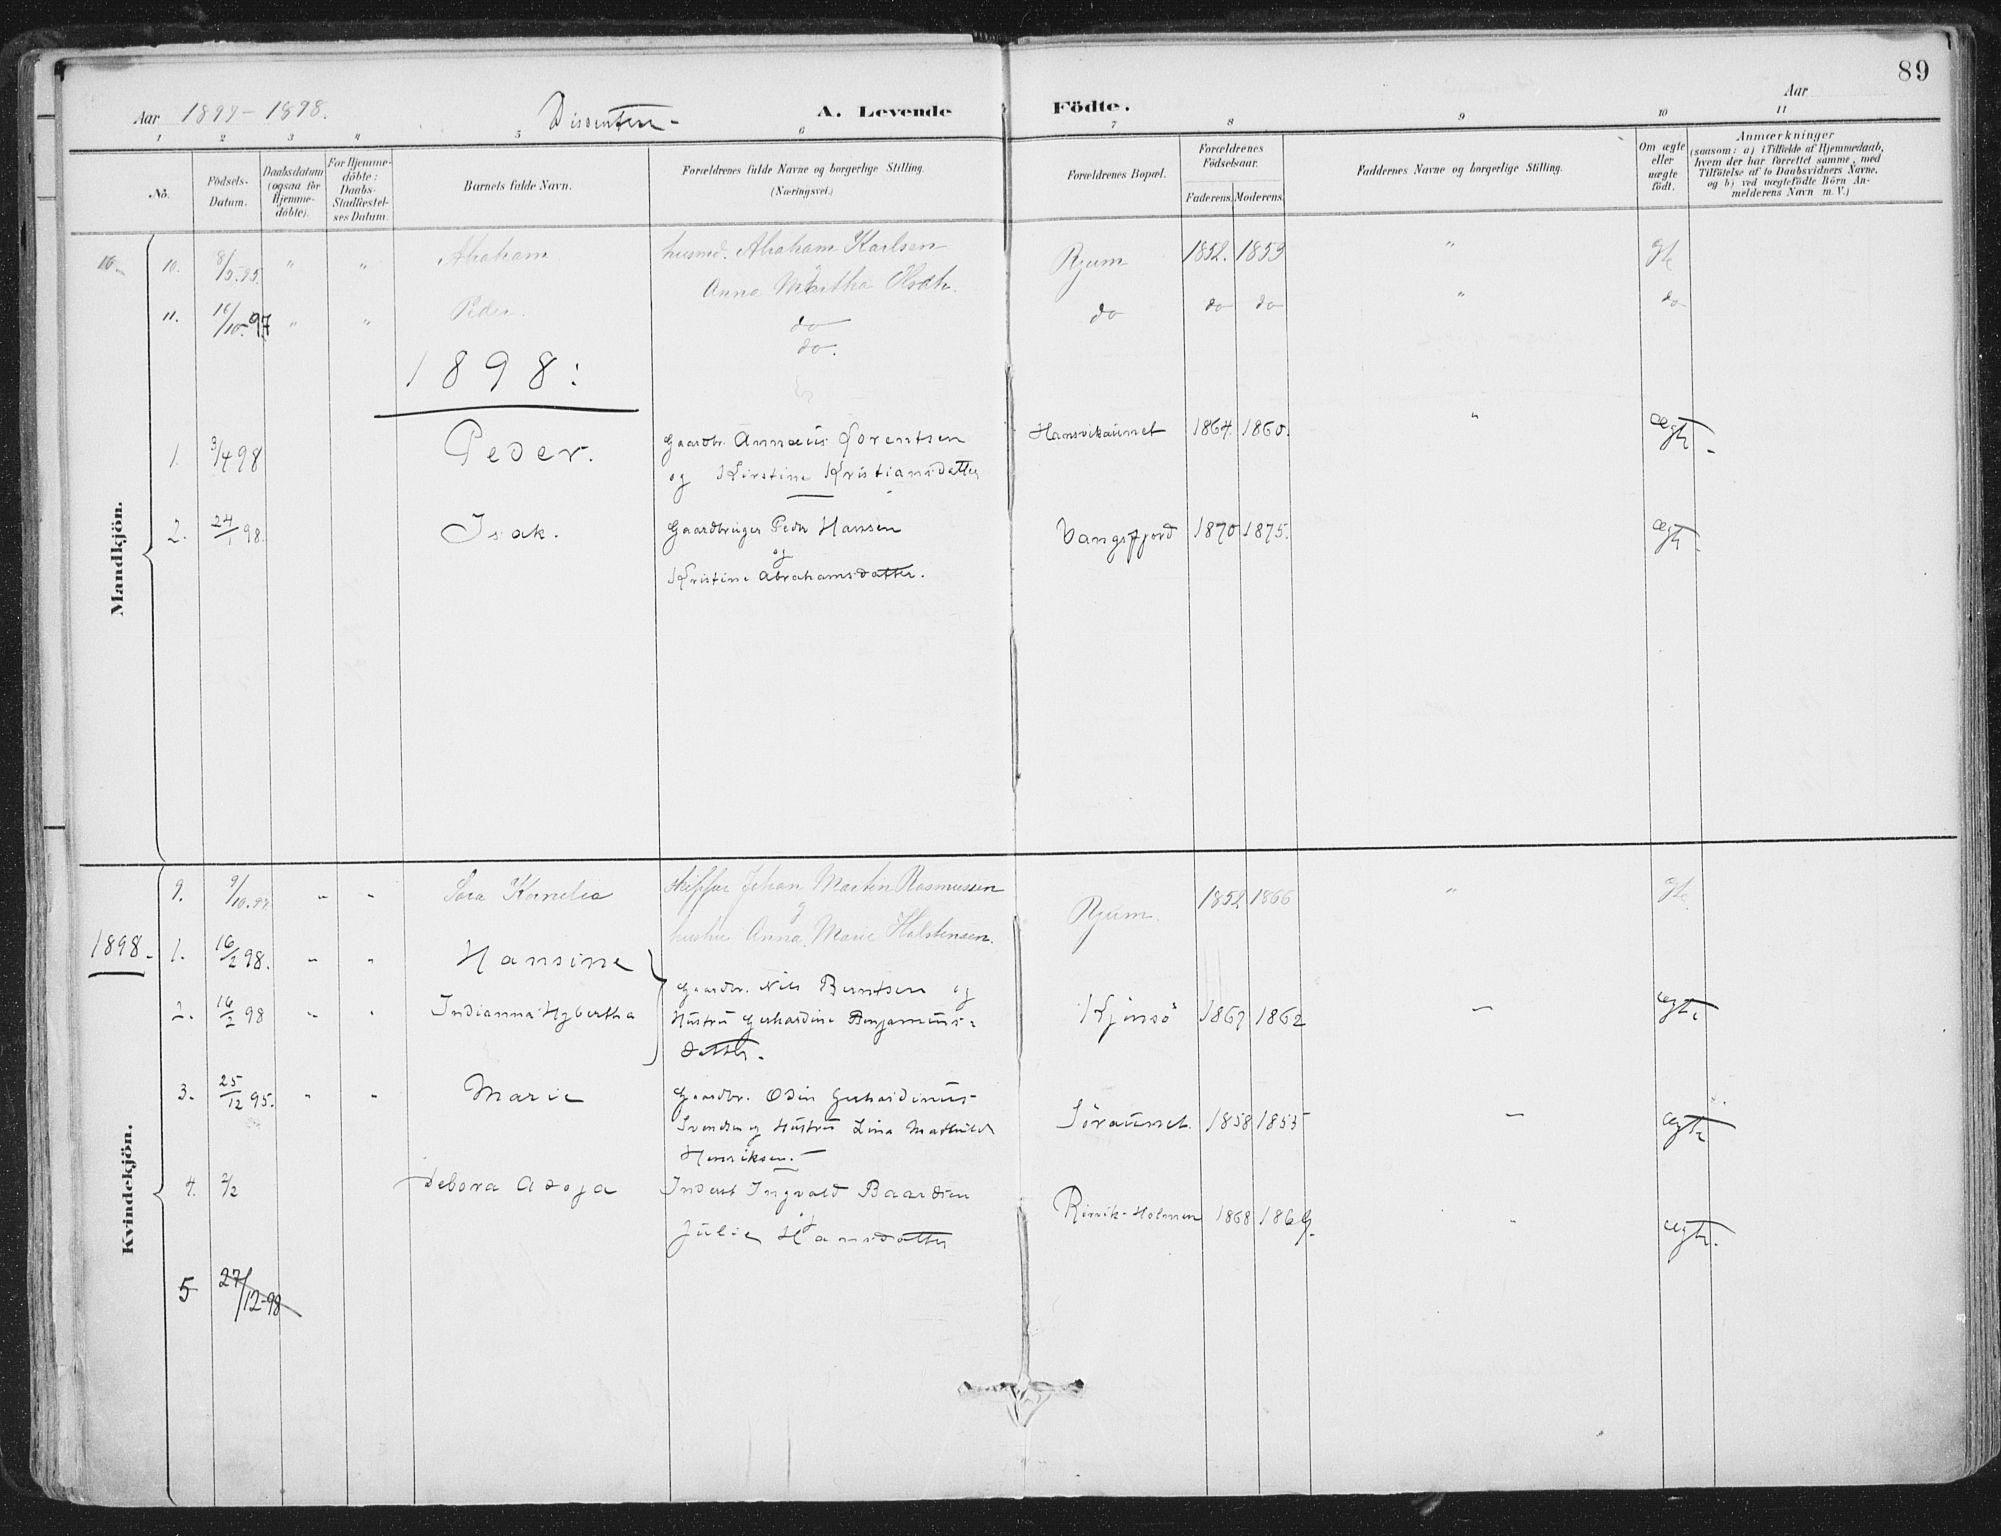 SAT, Ministerialprotokoller, klokkerbøker og fødselsregistre - Nord-Trøndelag, 786/L0687: Ministerialbok nr. 786A03, 1888-1898, s. 89